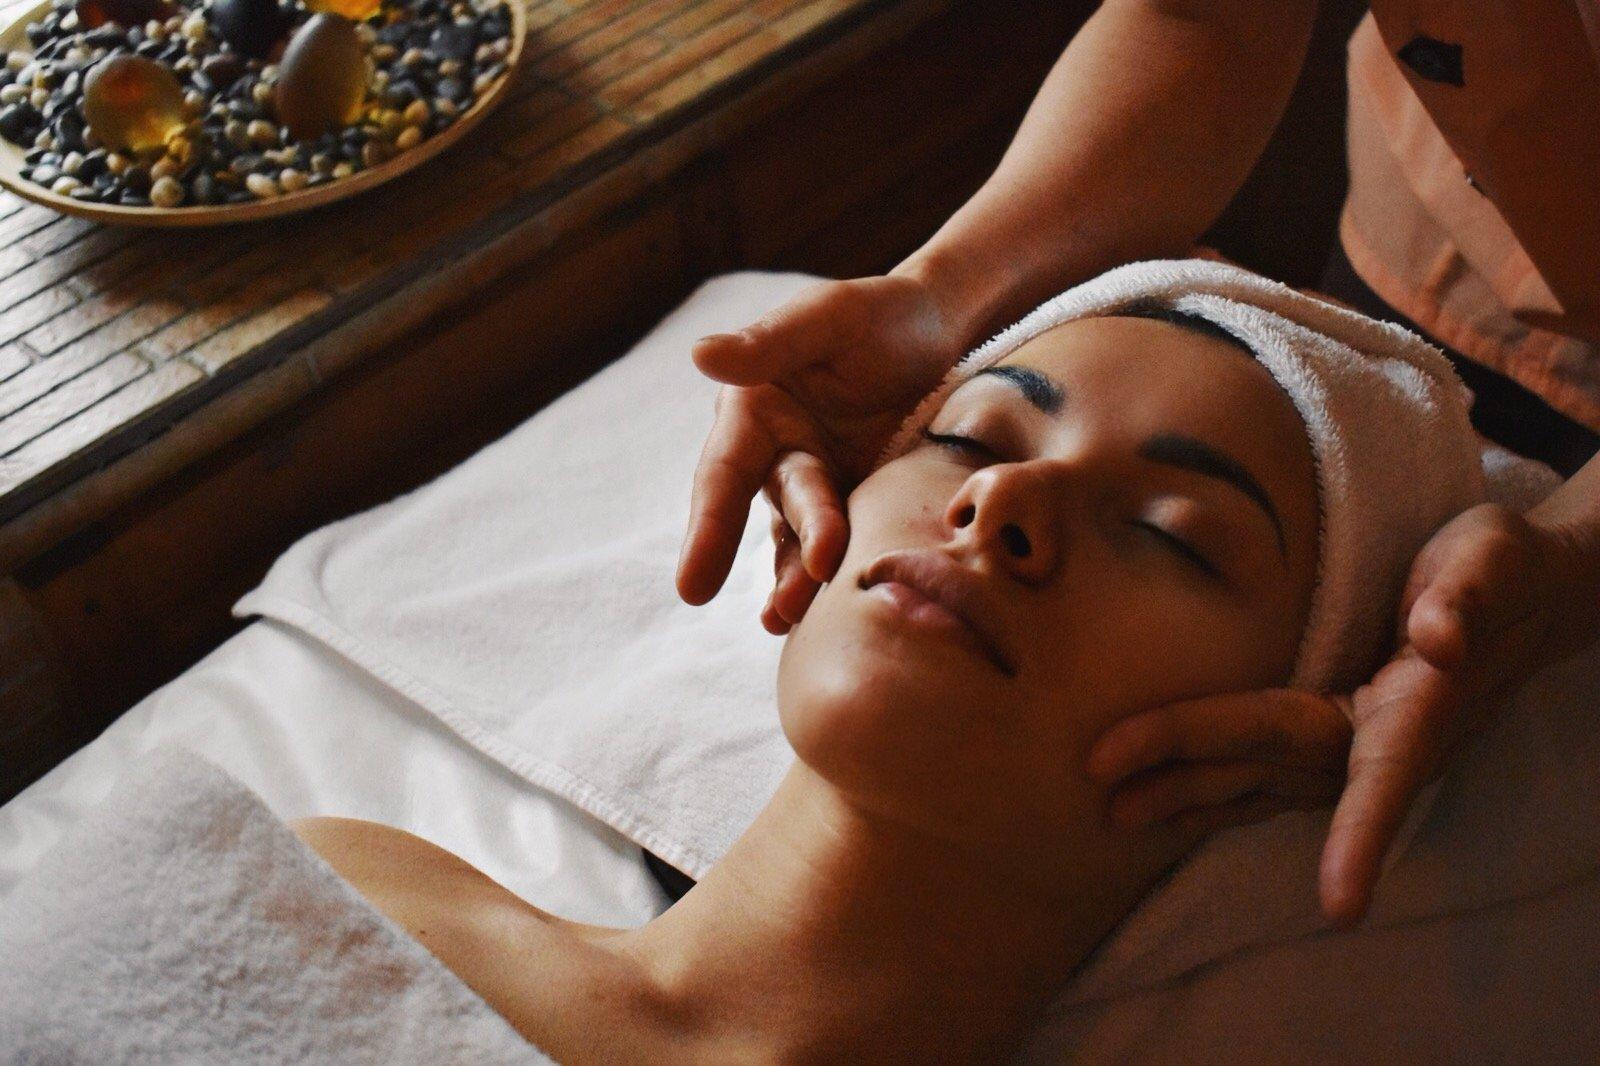 Буккальный массаж лица самостоятельно или у косметолога